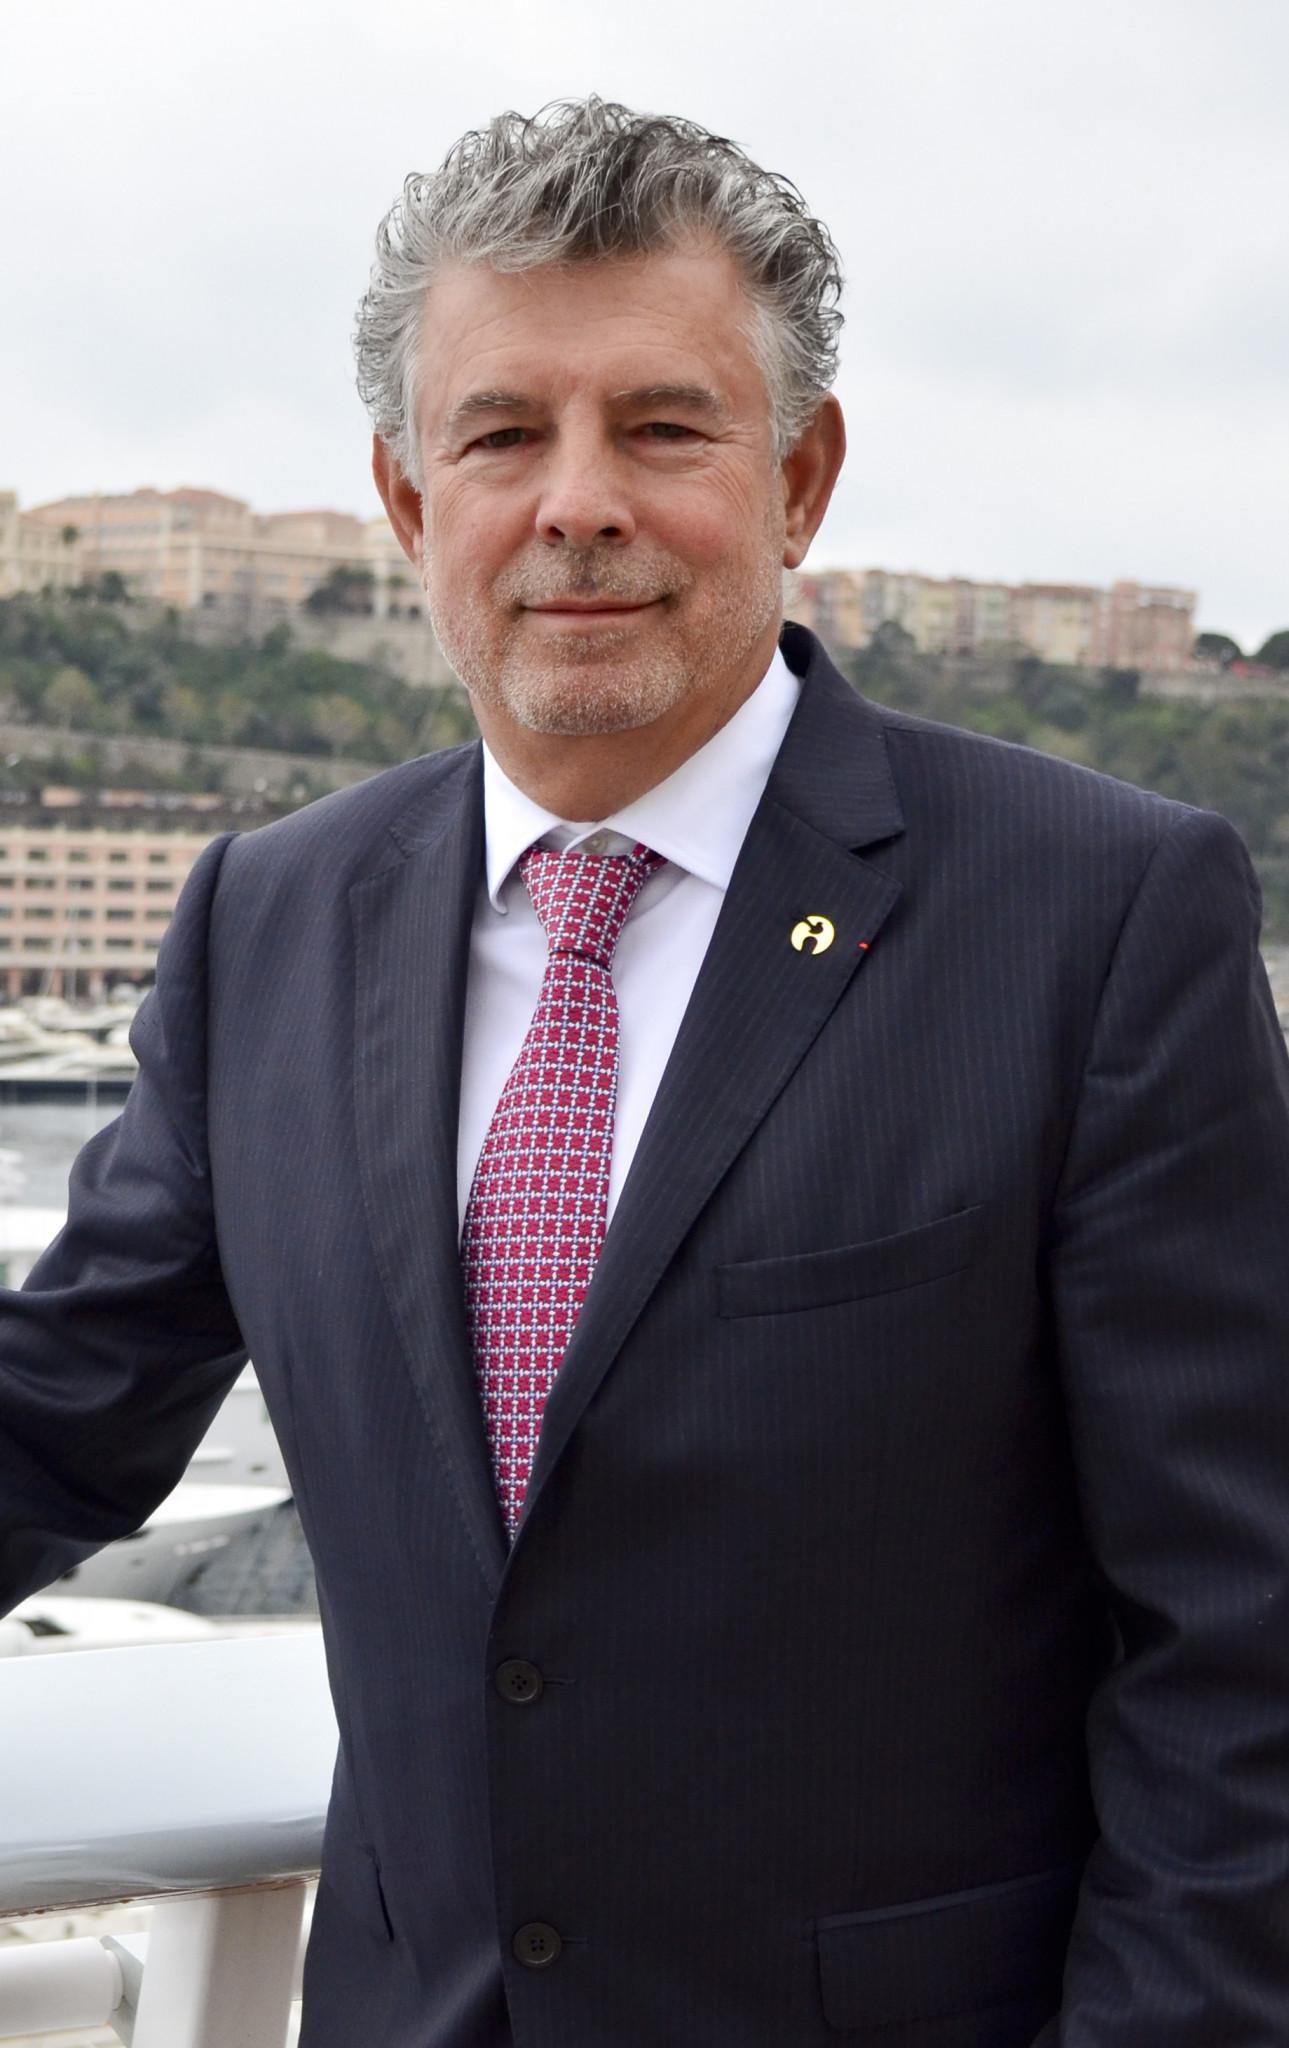 Joel Bouzou